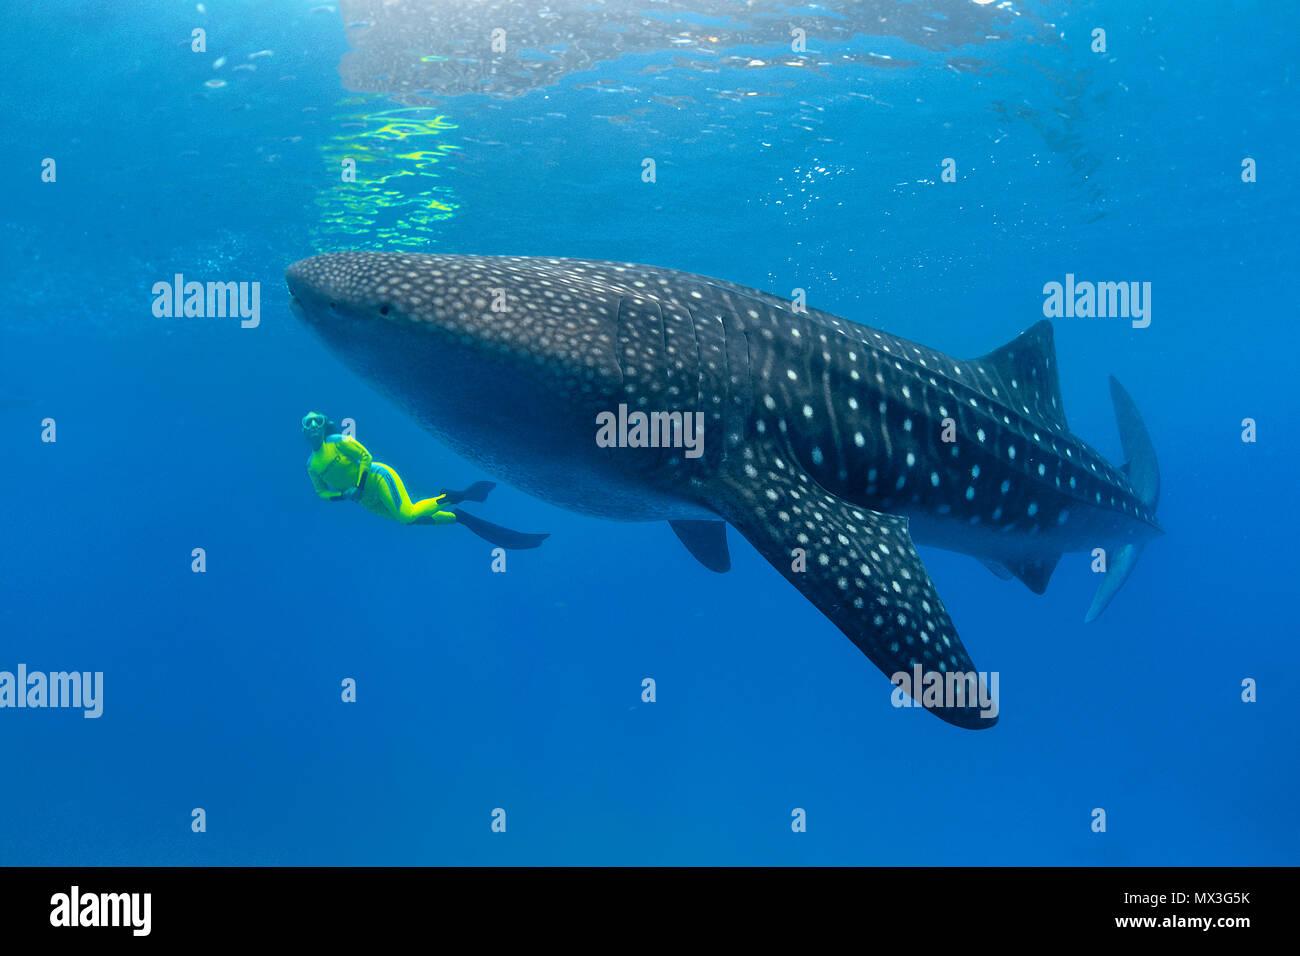 Il confronto delle dimensioni snorkeller e squalo balena (Rhincodon typus), pesci più grandi del mondo, atollo di Ari, isole delle Maldive, Asia Immagini Stock